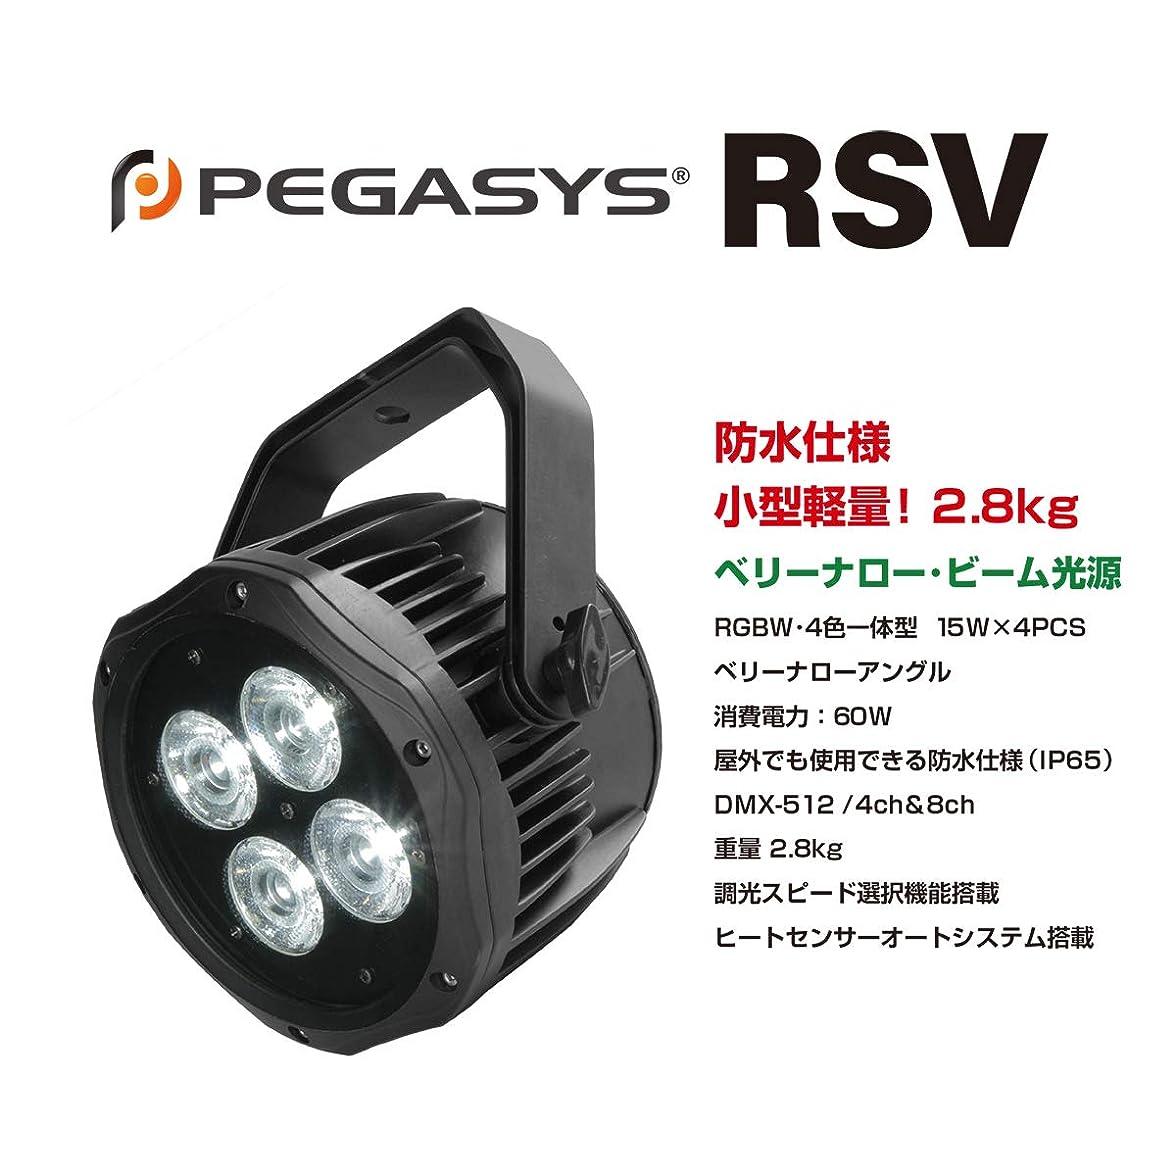 エレメンタル限定マーキービーム炸裂!小型軽量LEDステージライト PEGASYS?RSV(4PCS×15W?4in1)防水仕様?ベリーナロー光源